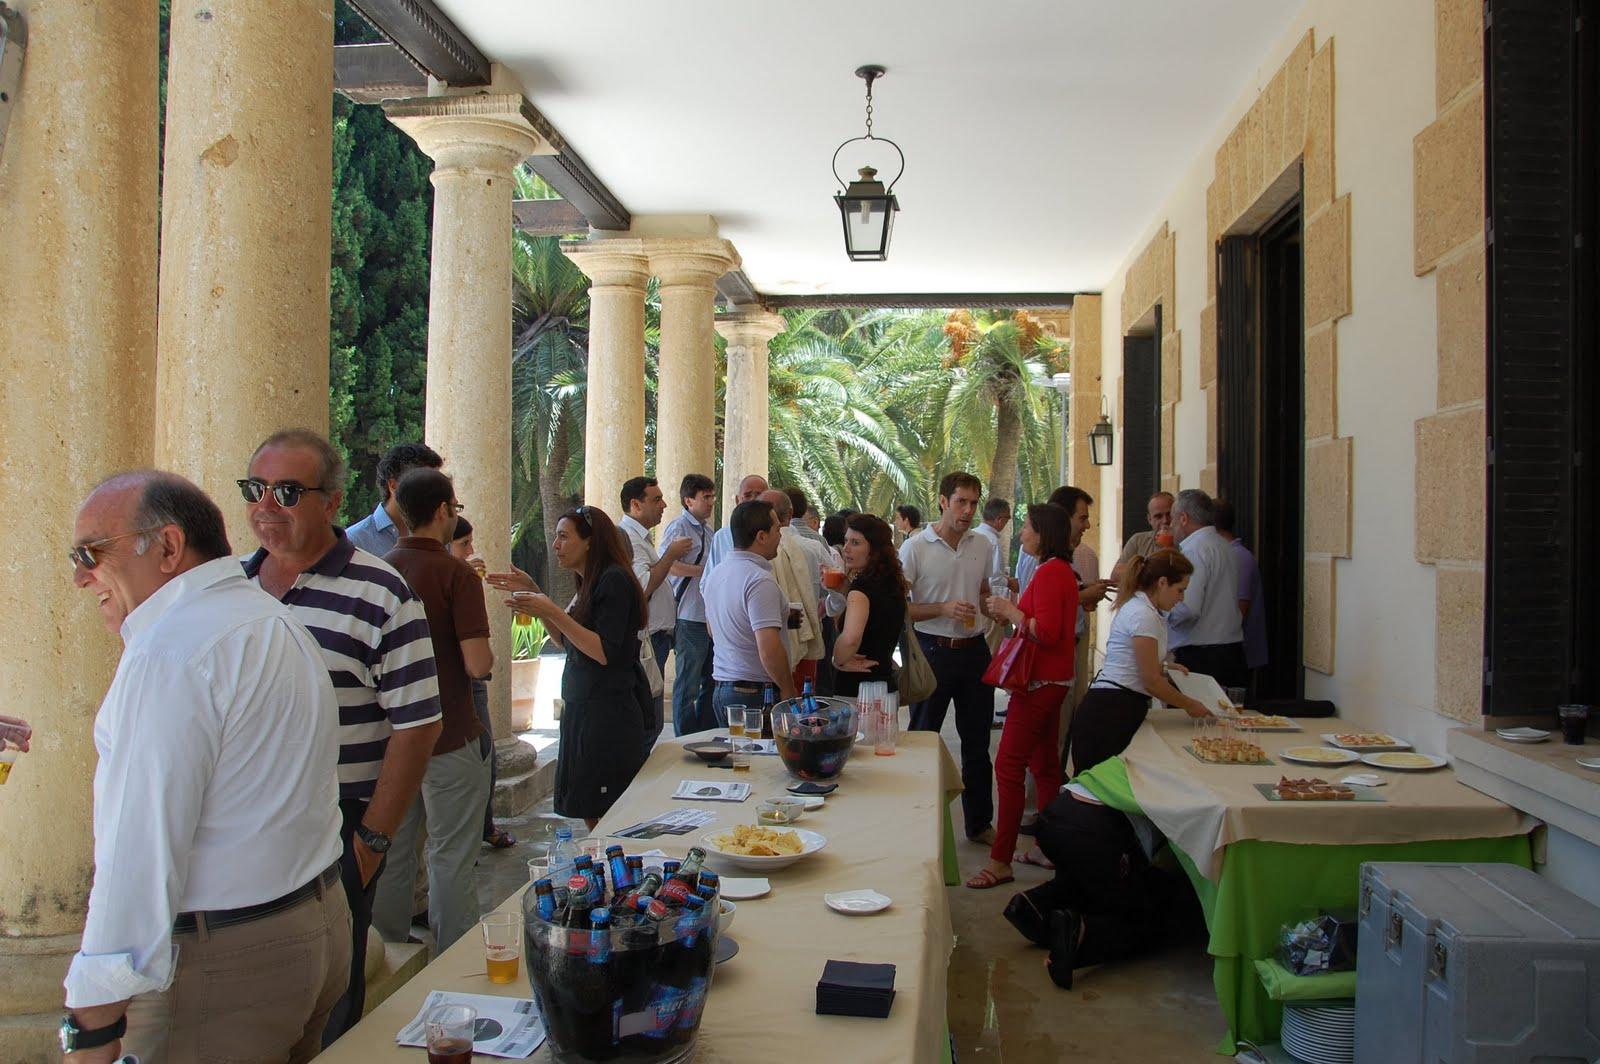 Cambia tu colegio arquitectos de m laga - Arquitectos malaga ...